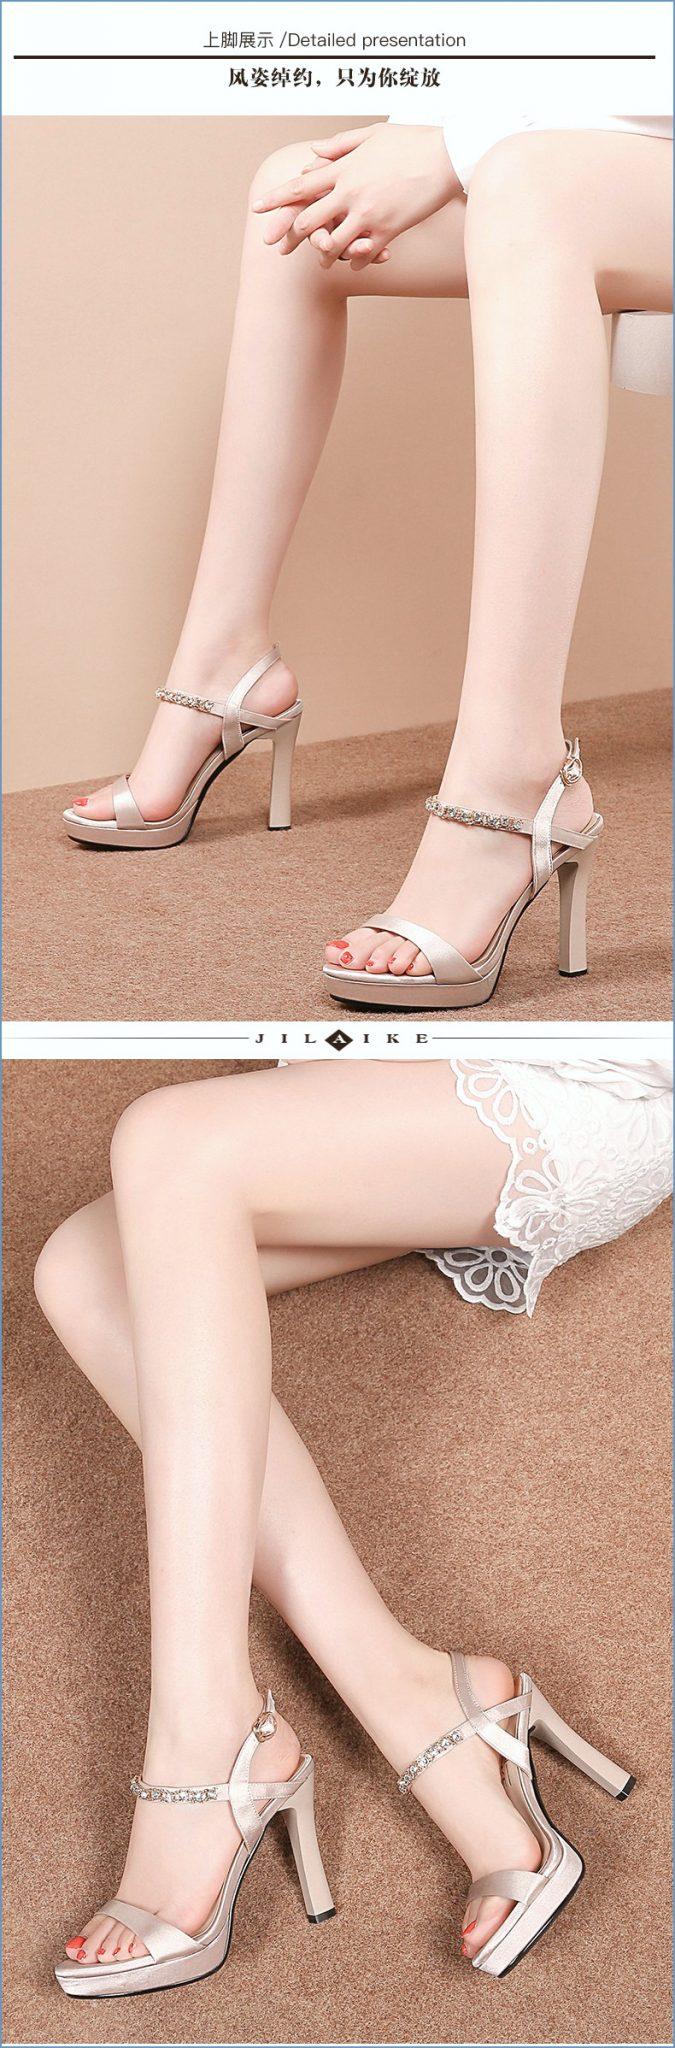 Sepatu High Heels Model Cheongsam Dengan Gesper Untuk Wanita 2020 i terkait Sepatu High Heels Wanita